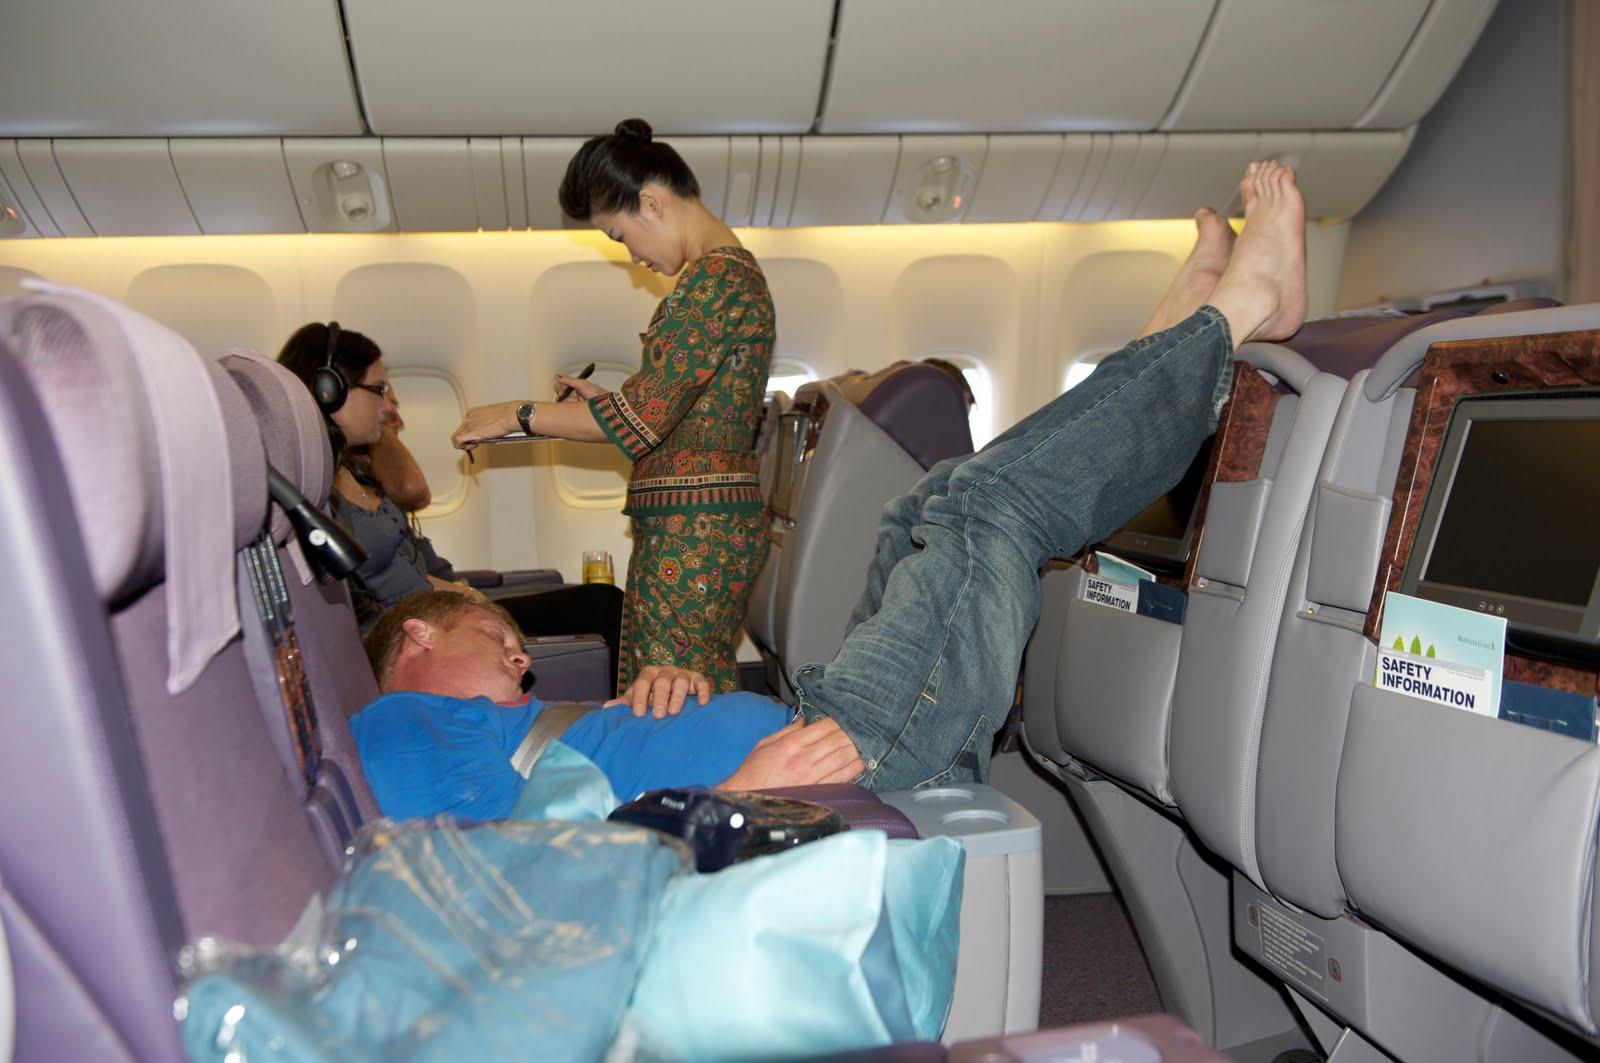 Разврат в самолёте 26 фотография